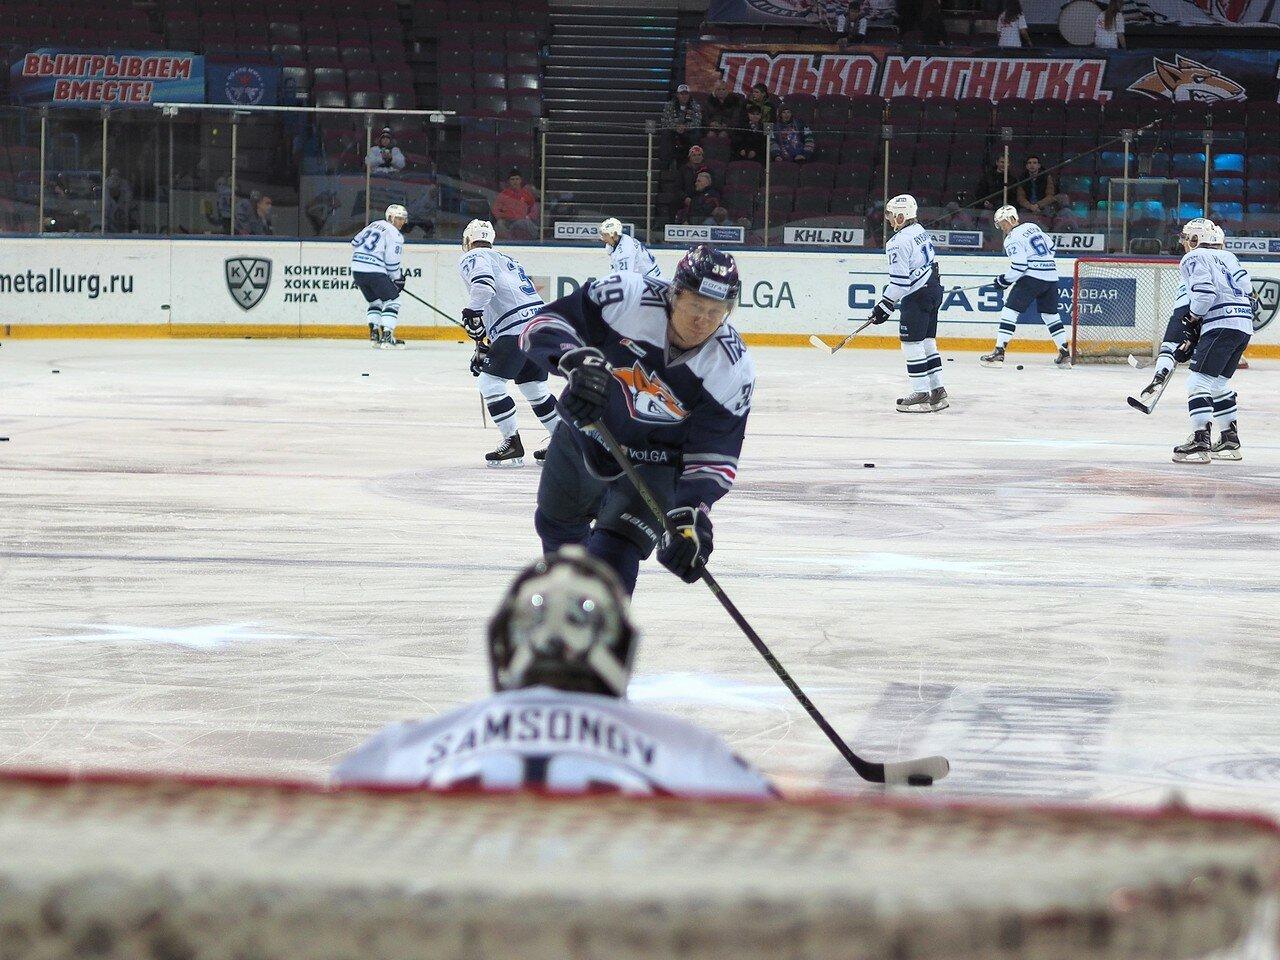 19Металлург - Динамо Москва 21.11.2016